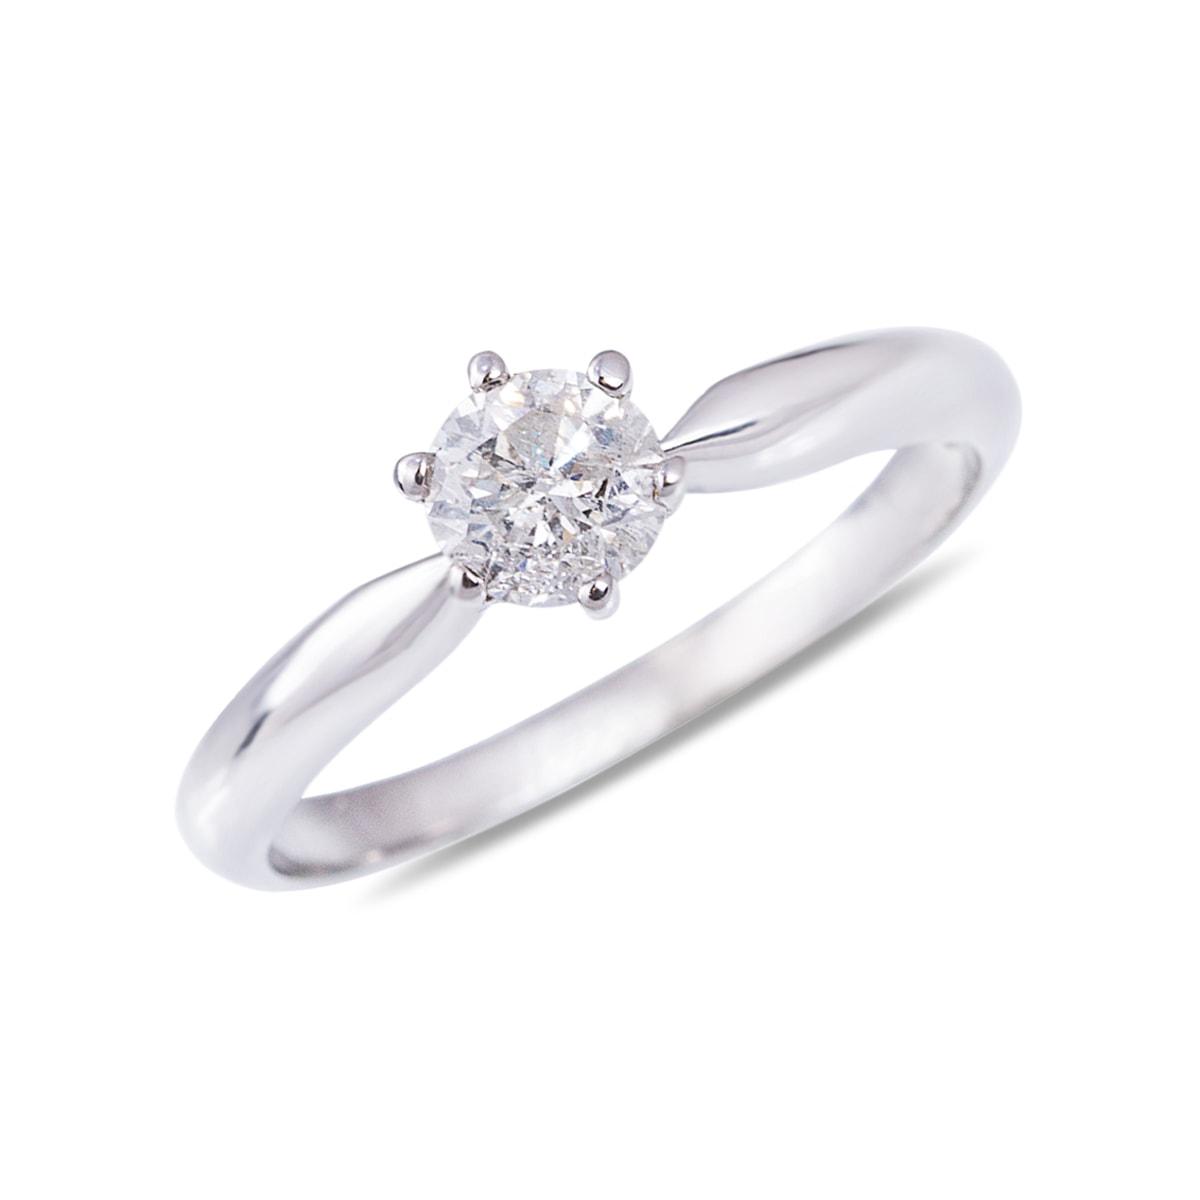 klenota verlobungsring mit diamant aus wei gold verlobungsringe mit diamant. Black Bedroom Furniture Sets. Home Design Ideas